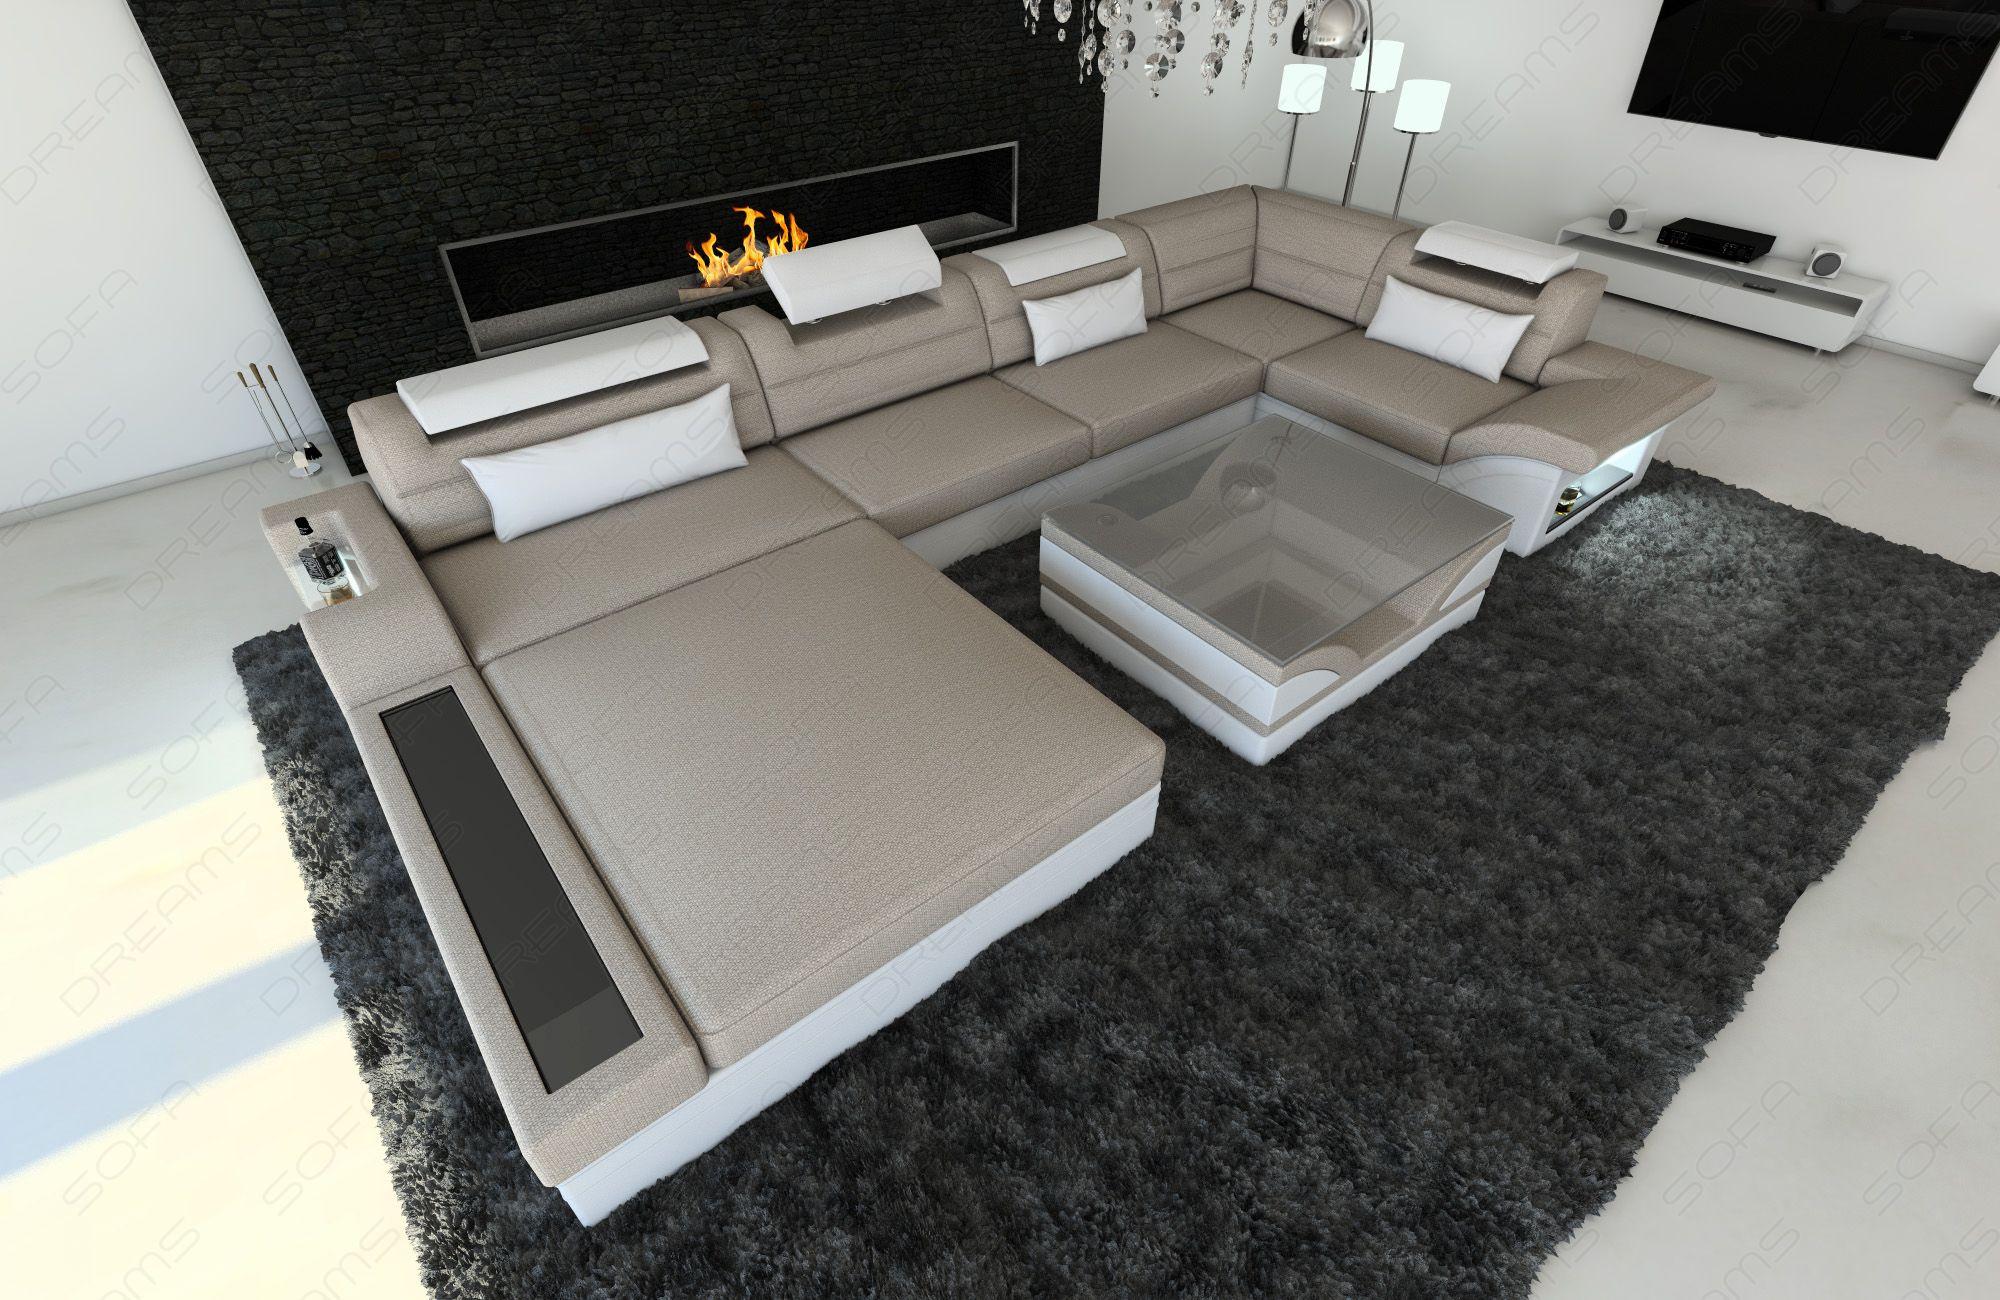 Luxury Fabric Sofa Orlando with LED - Hugo 4